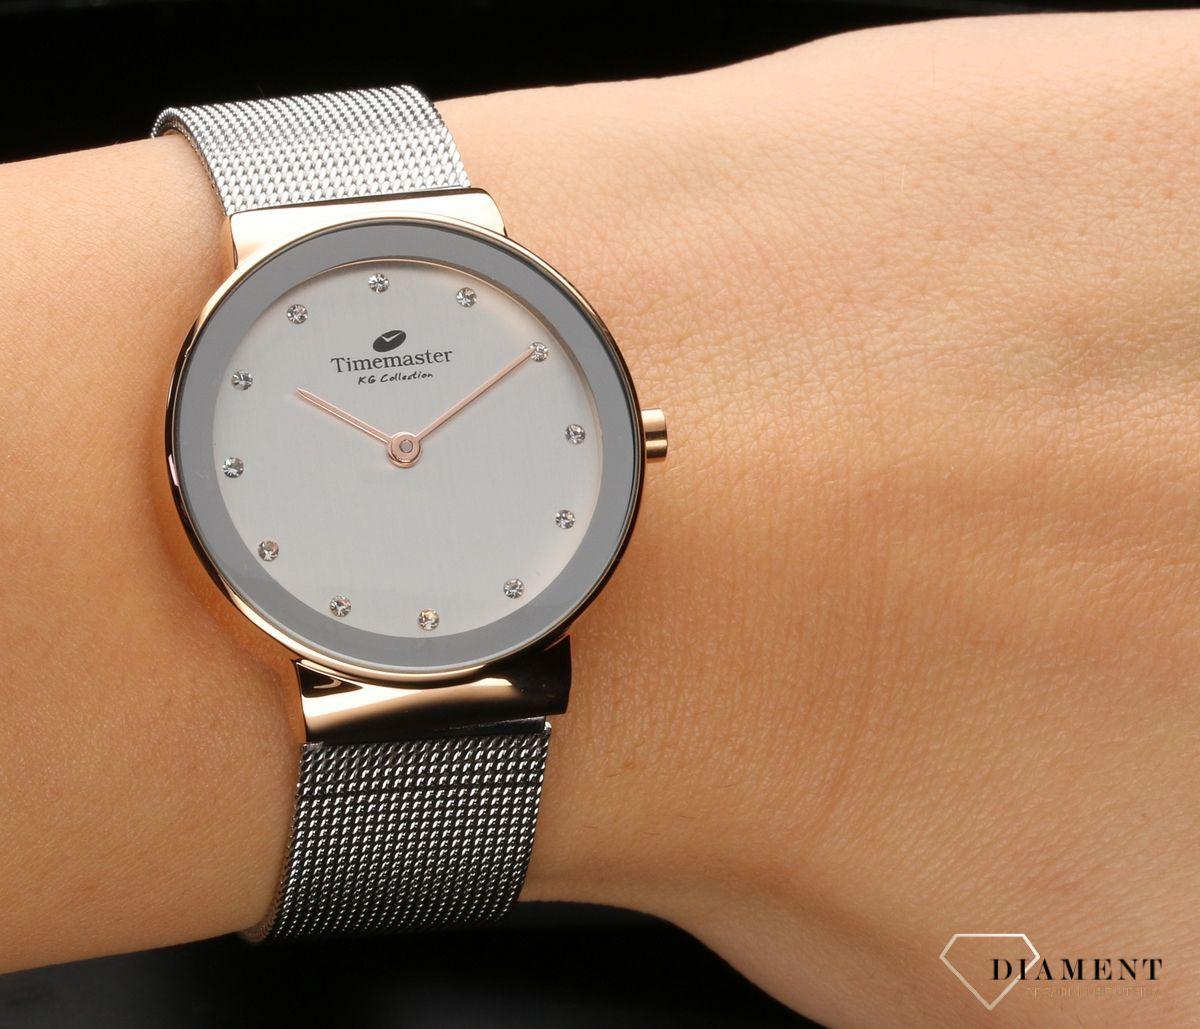 Zegarek damski na bransolecie Timemaster 099 40 www